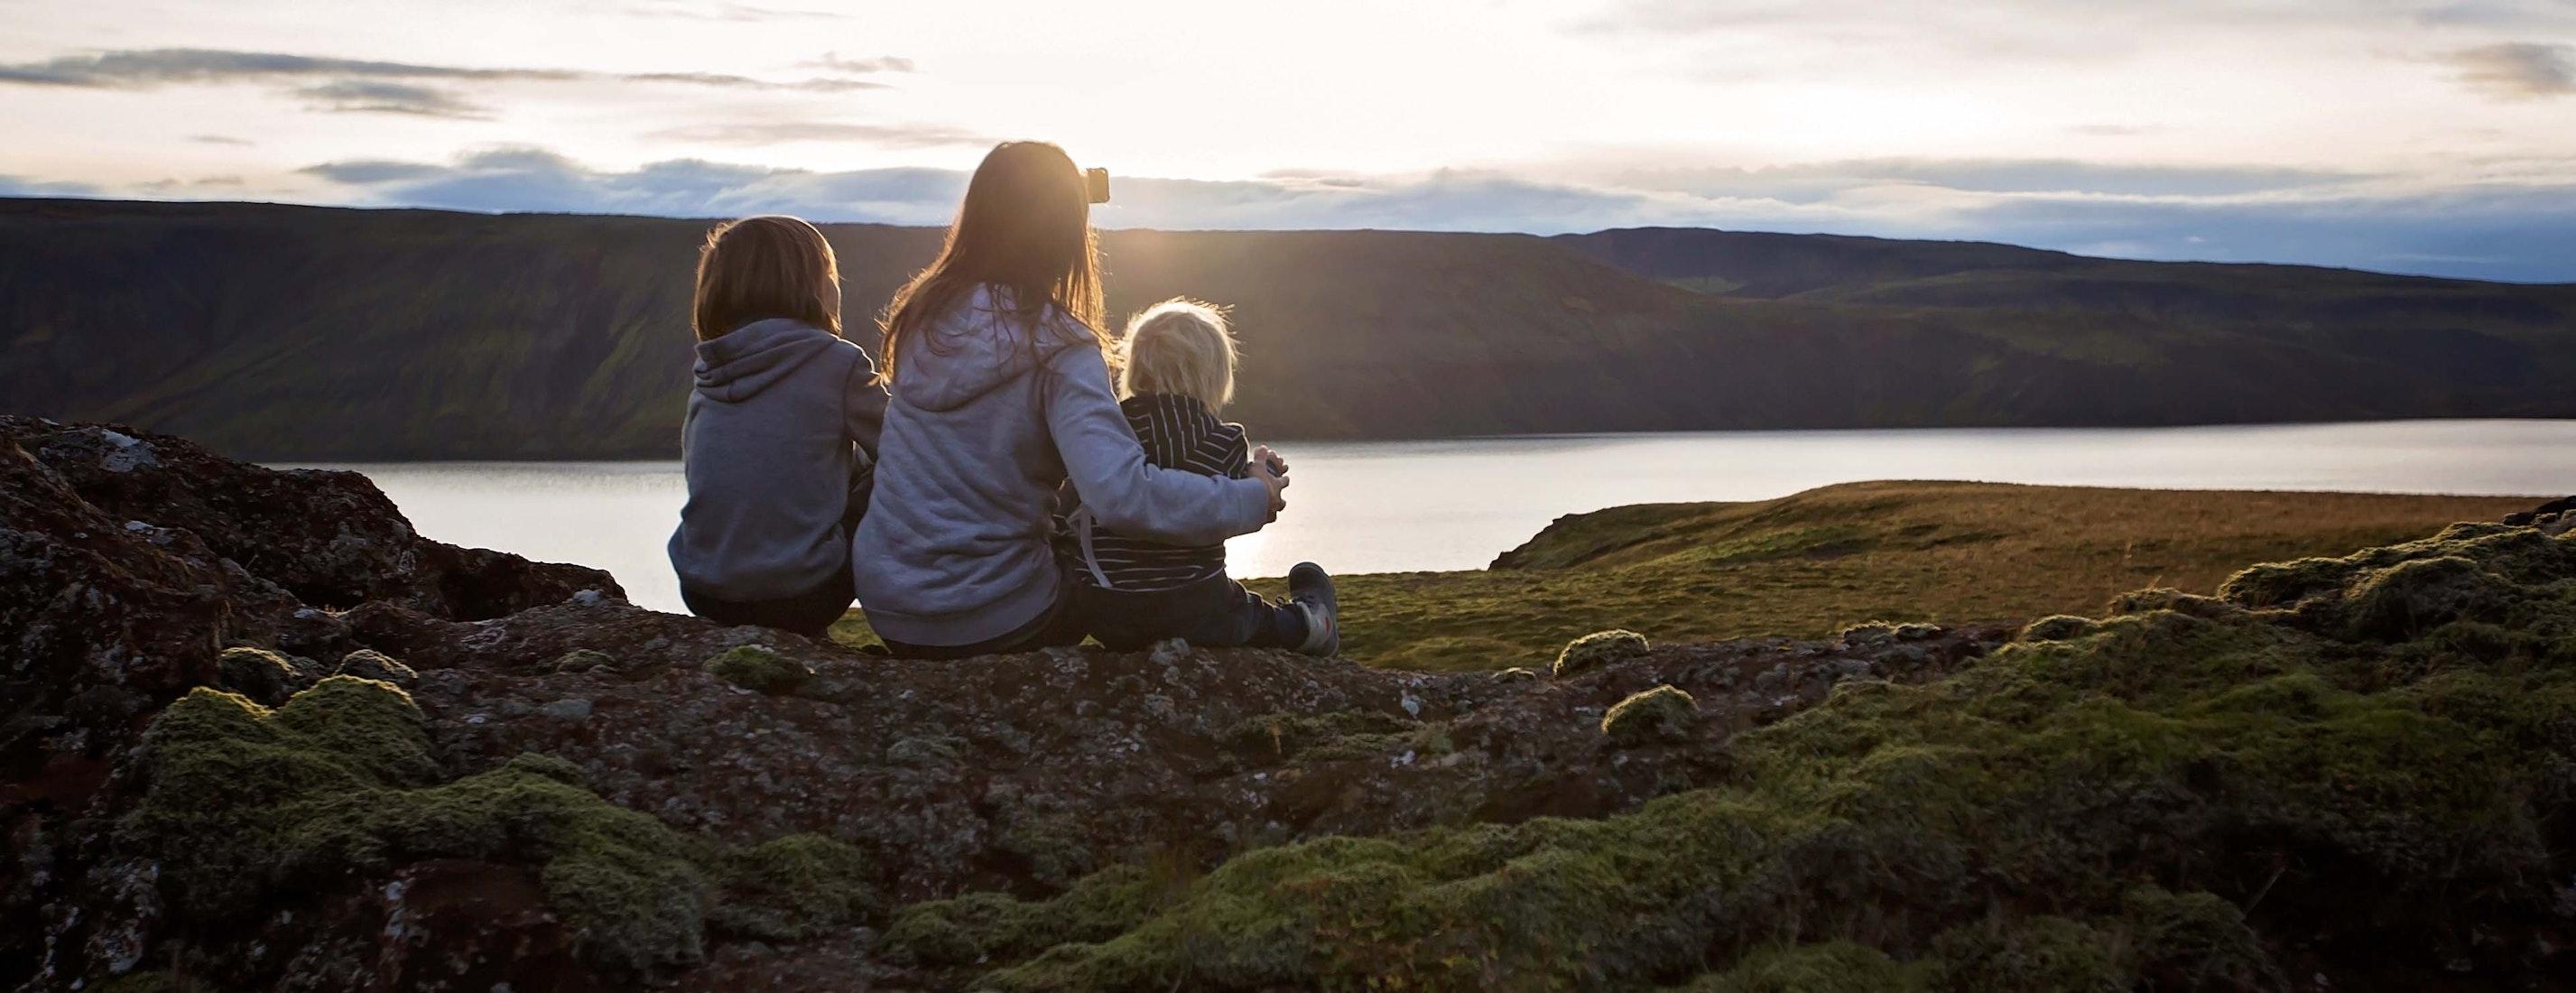 IJsland is klaar om je te verwelkomen